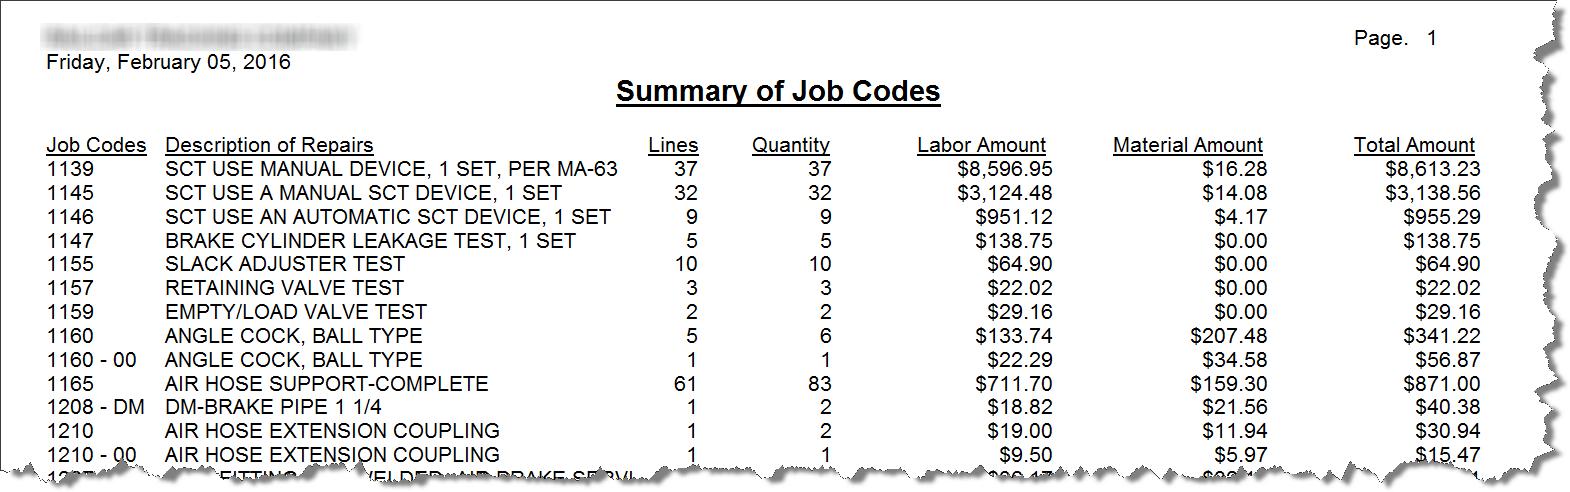 job-codes-report